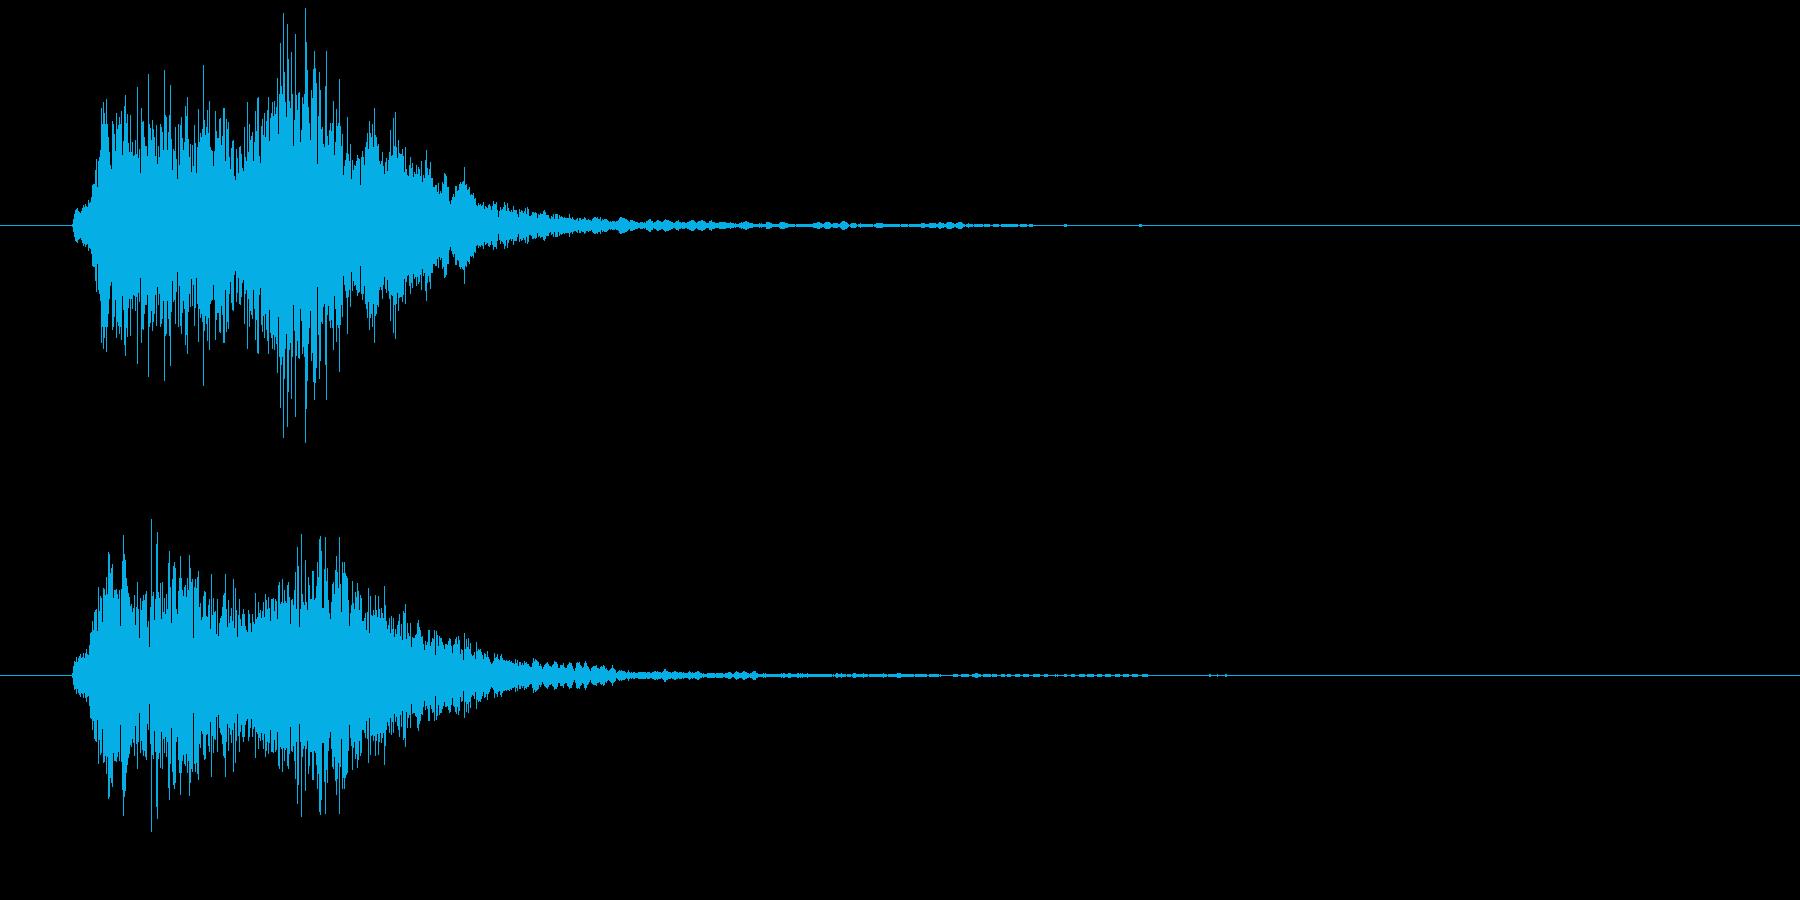 ストリングスによる場面展開の音の再生済みの波形